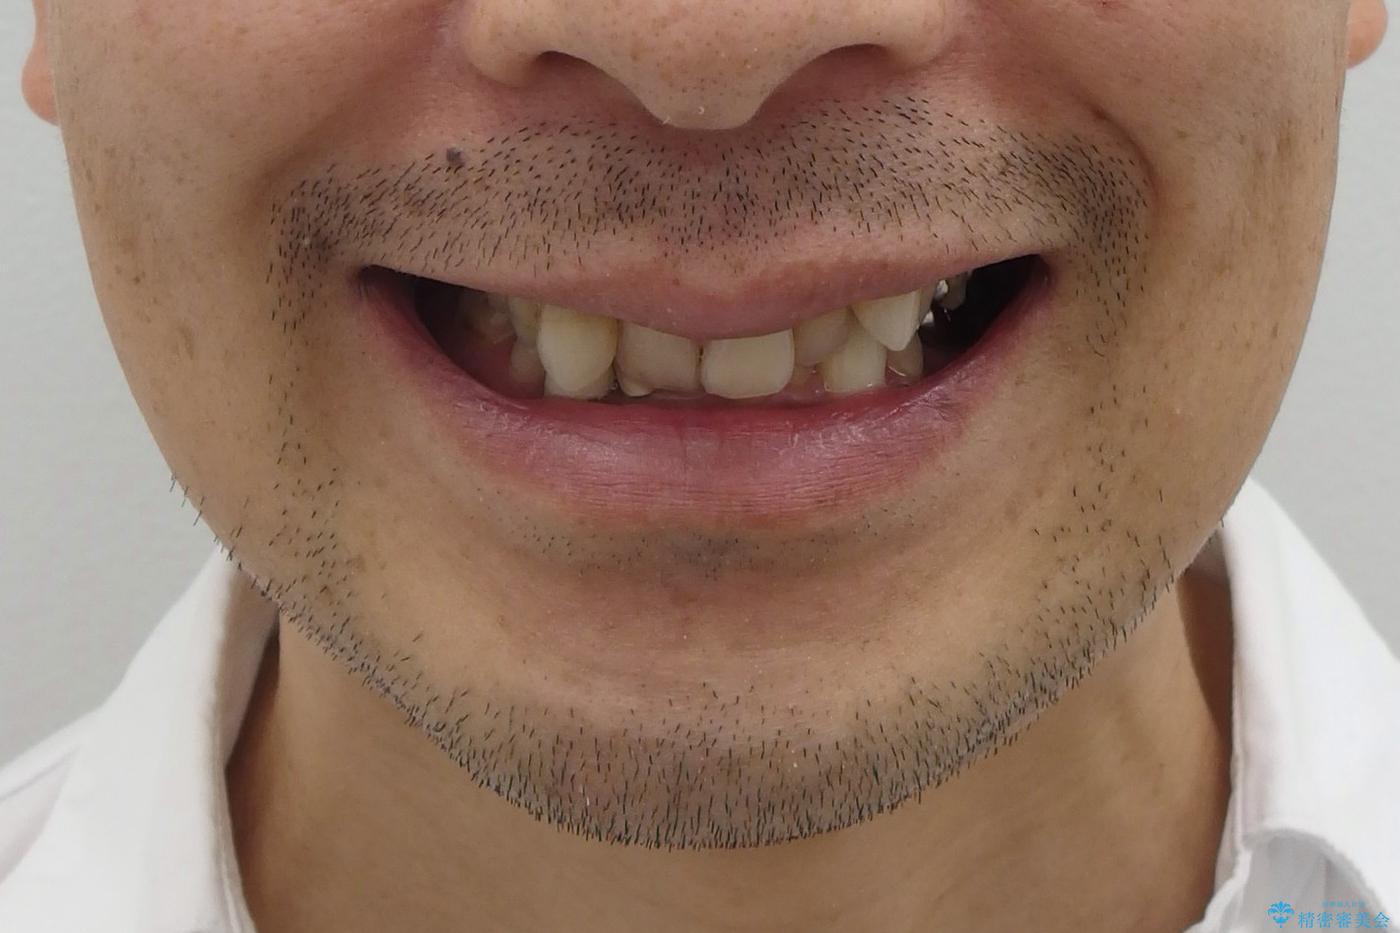 40代男性 総合歯科治療 矯正治療+虫歯治療の治療前(顔貌)